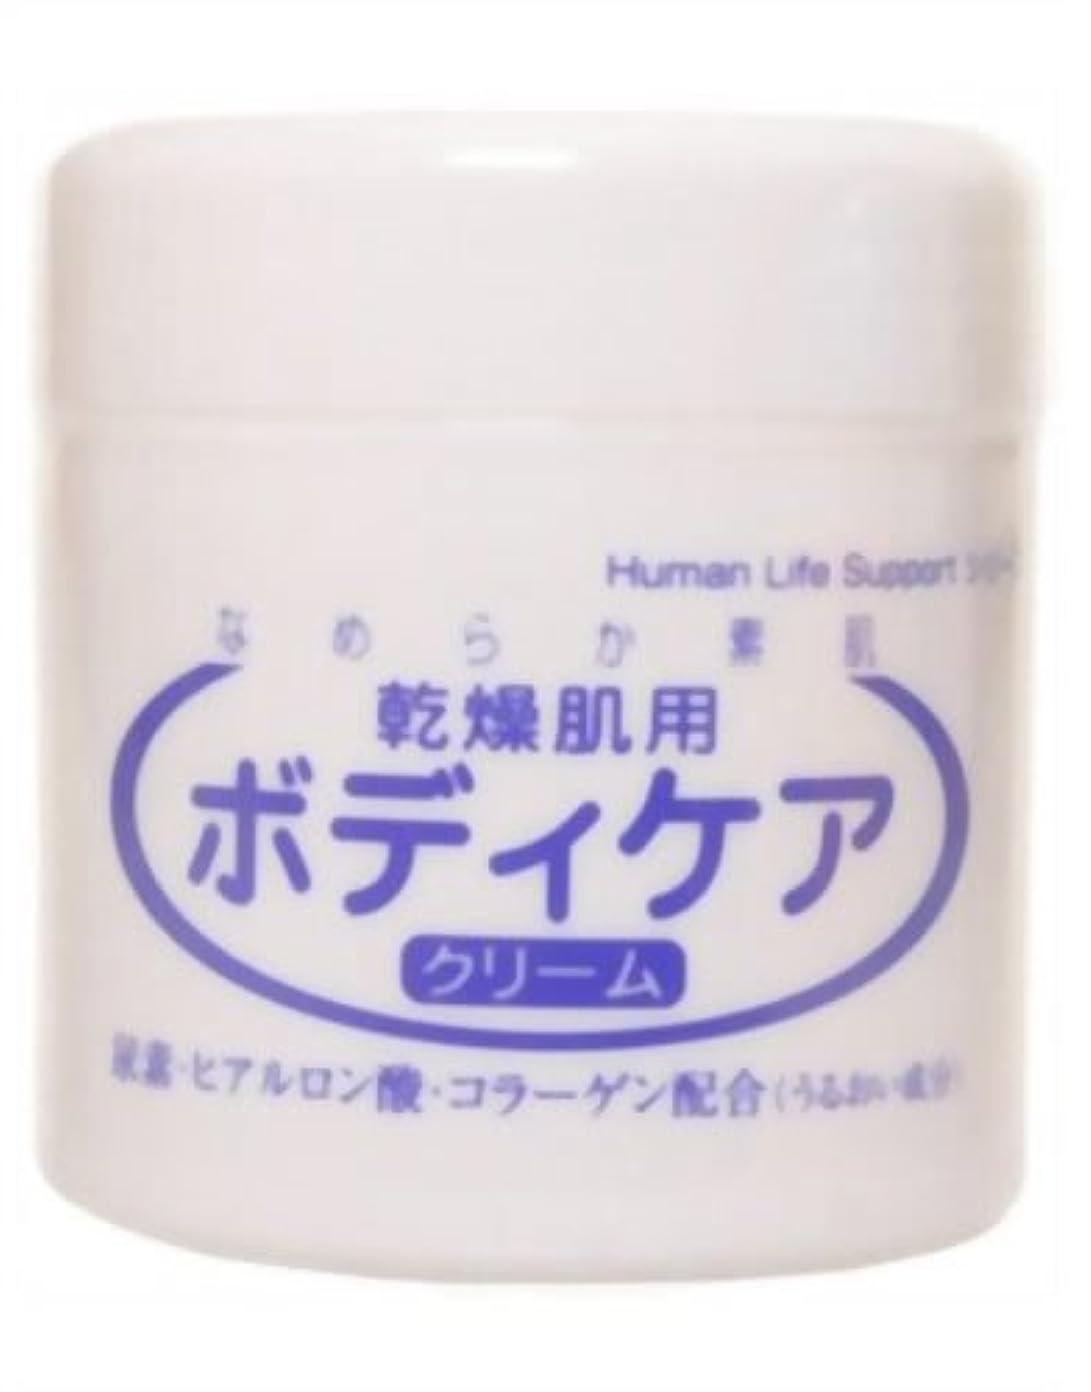 将来の協力的ペイン乾燥肌用ボディケアクリーム 230g